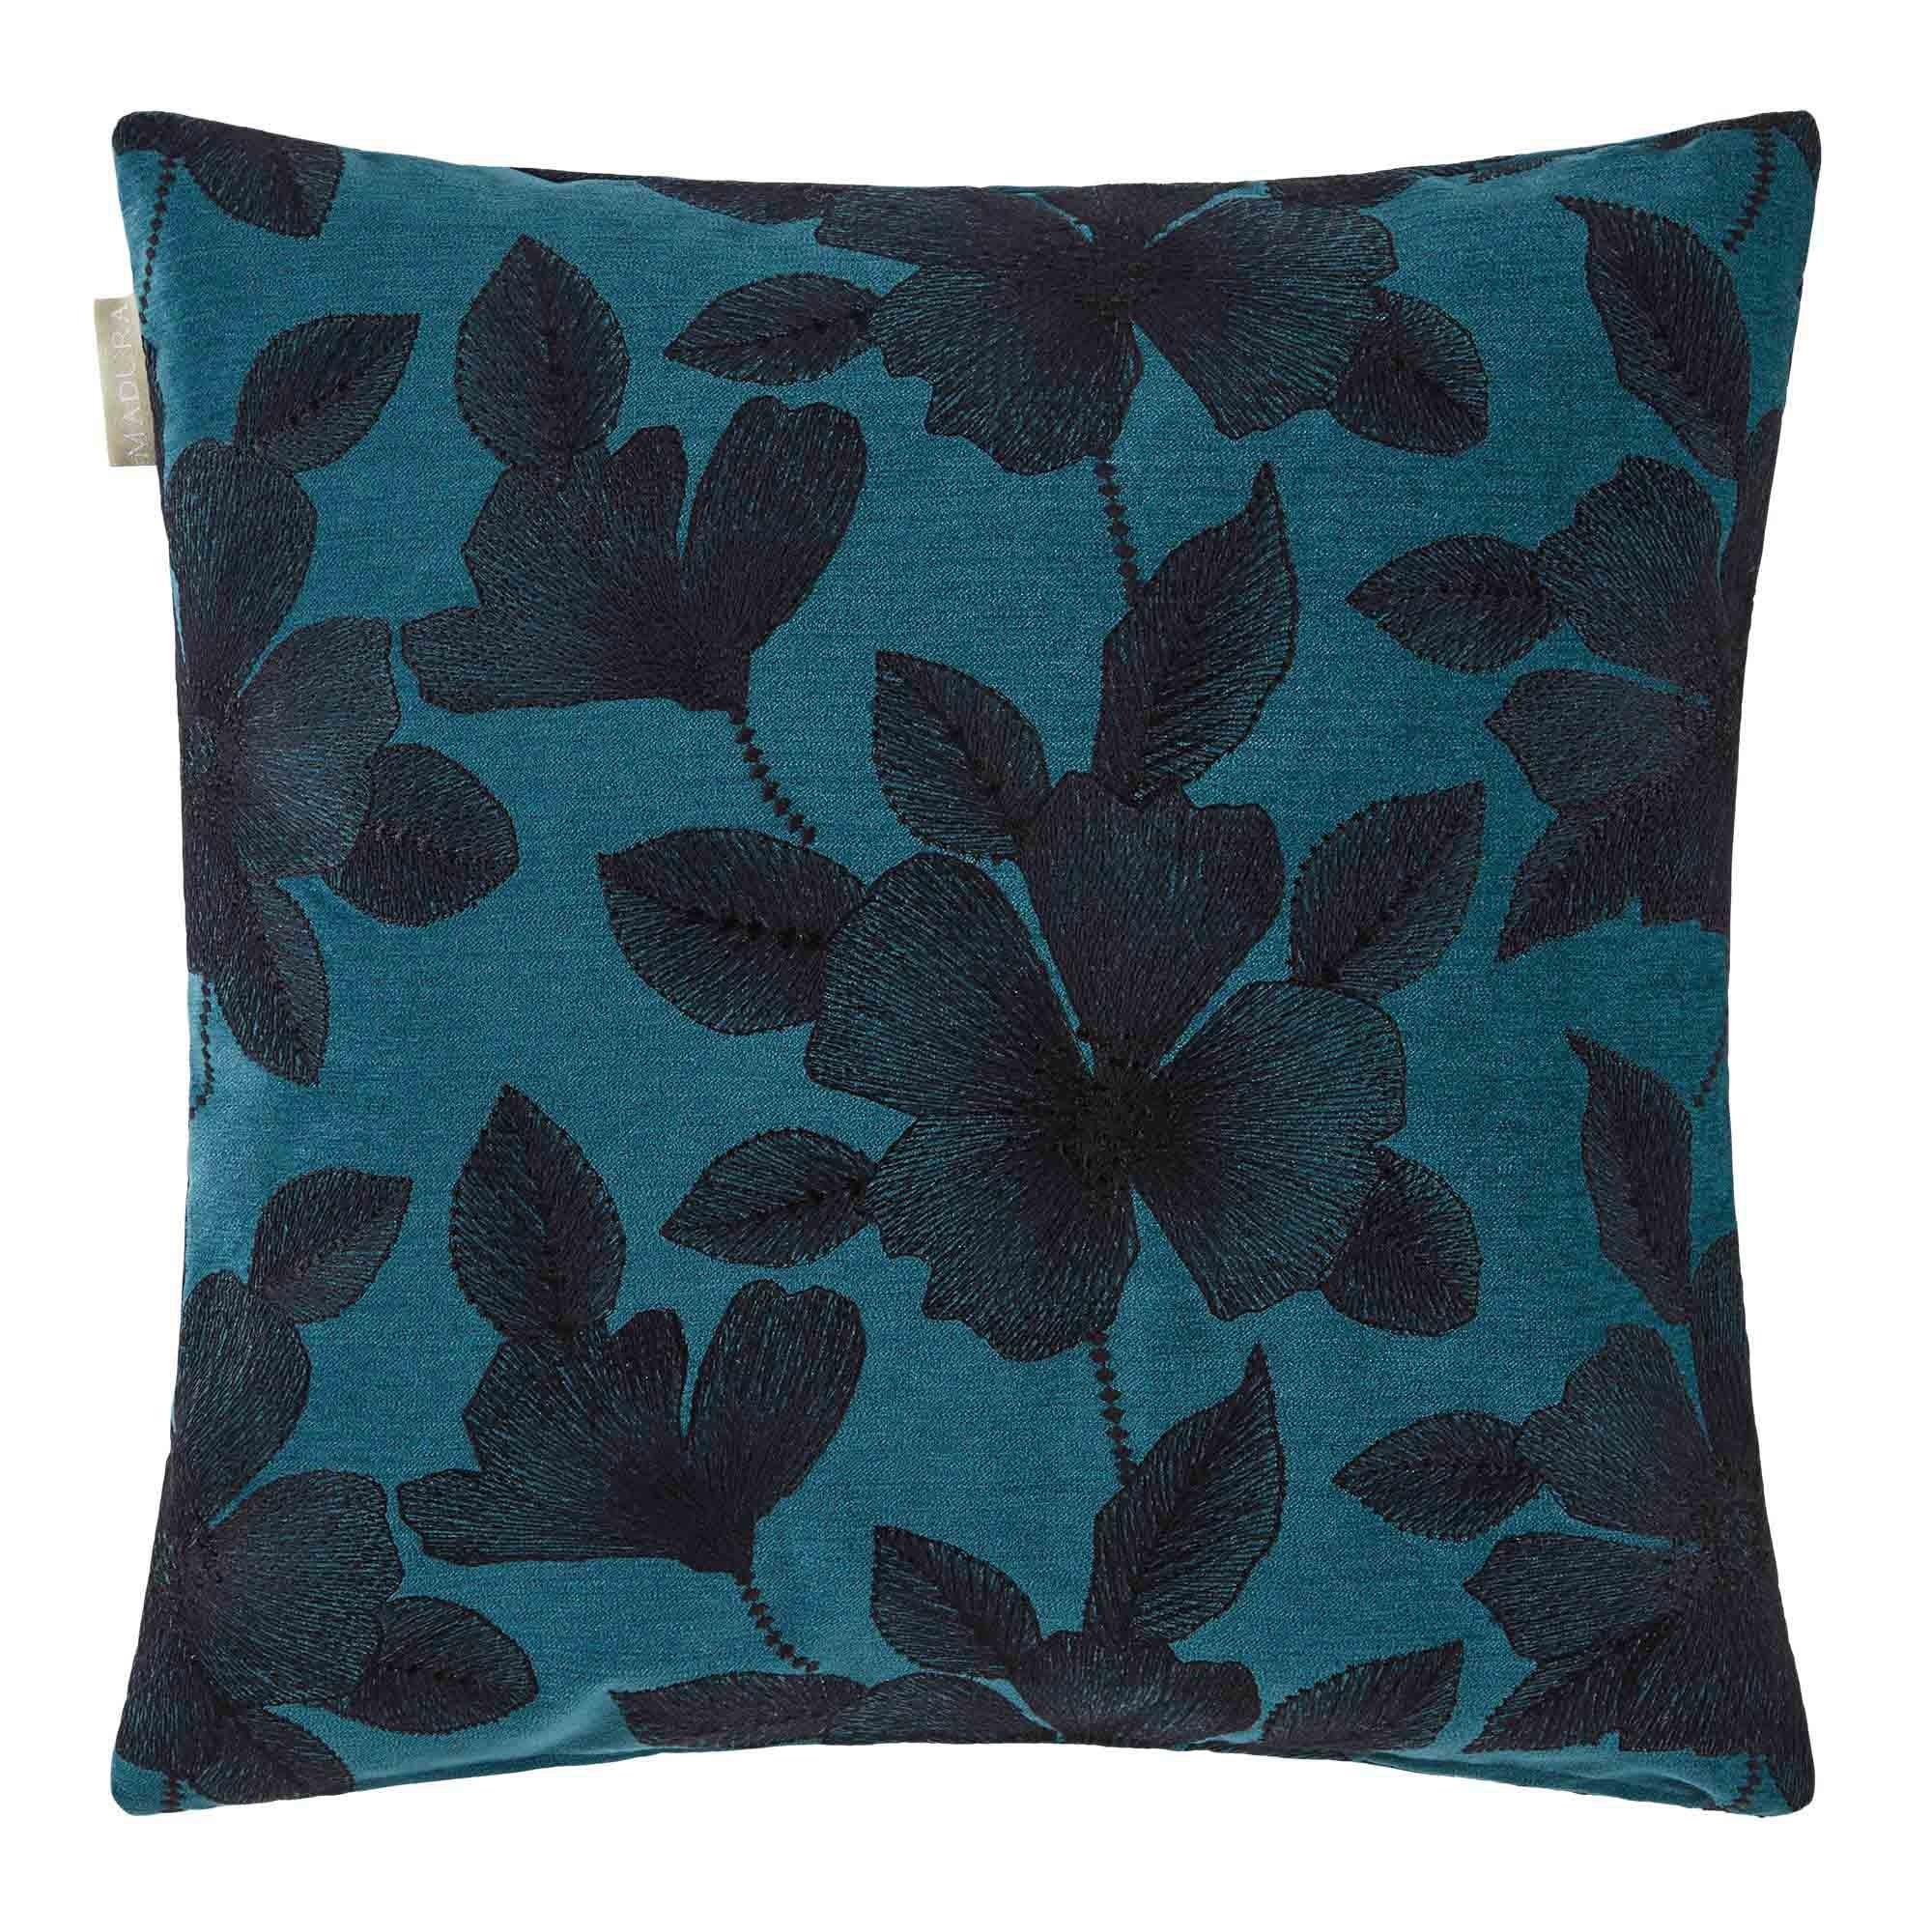 Housse de coussin 50x50 cm Bleu vert et noir